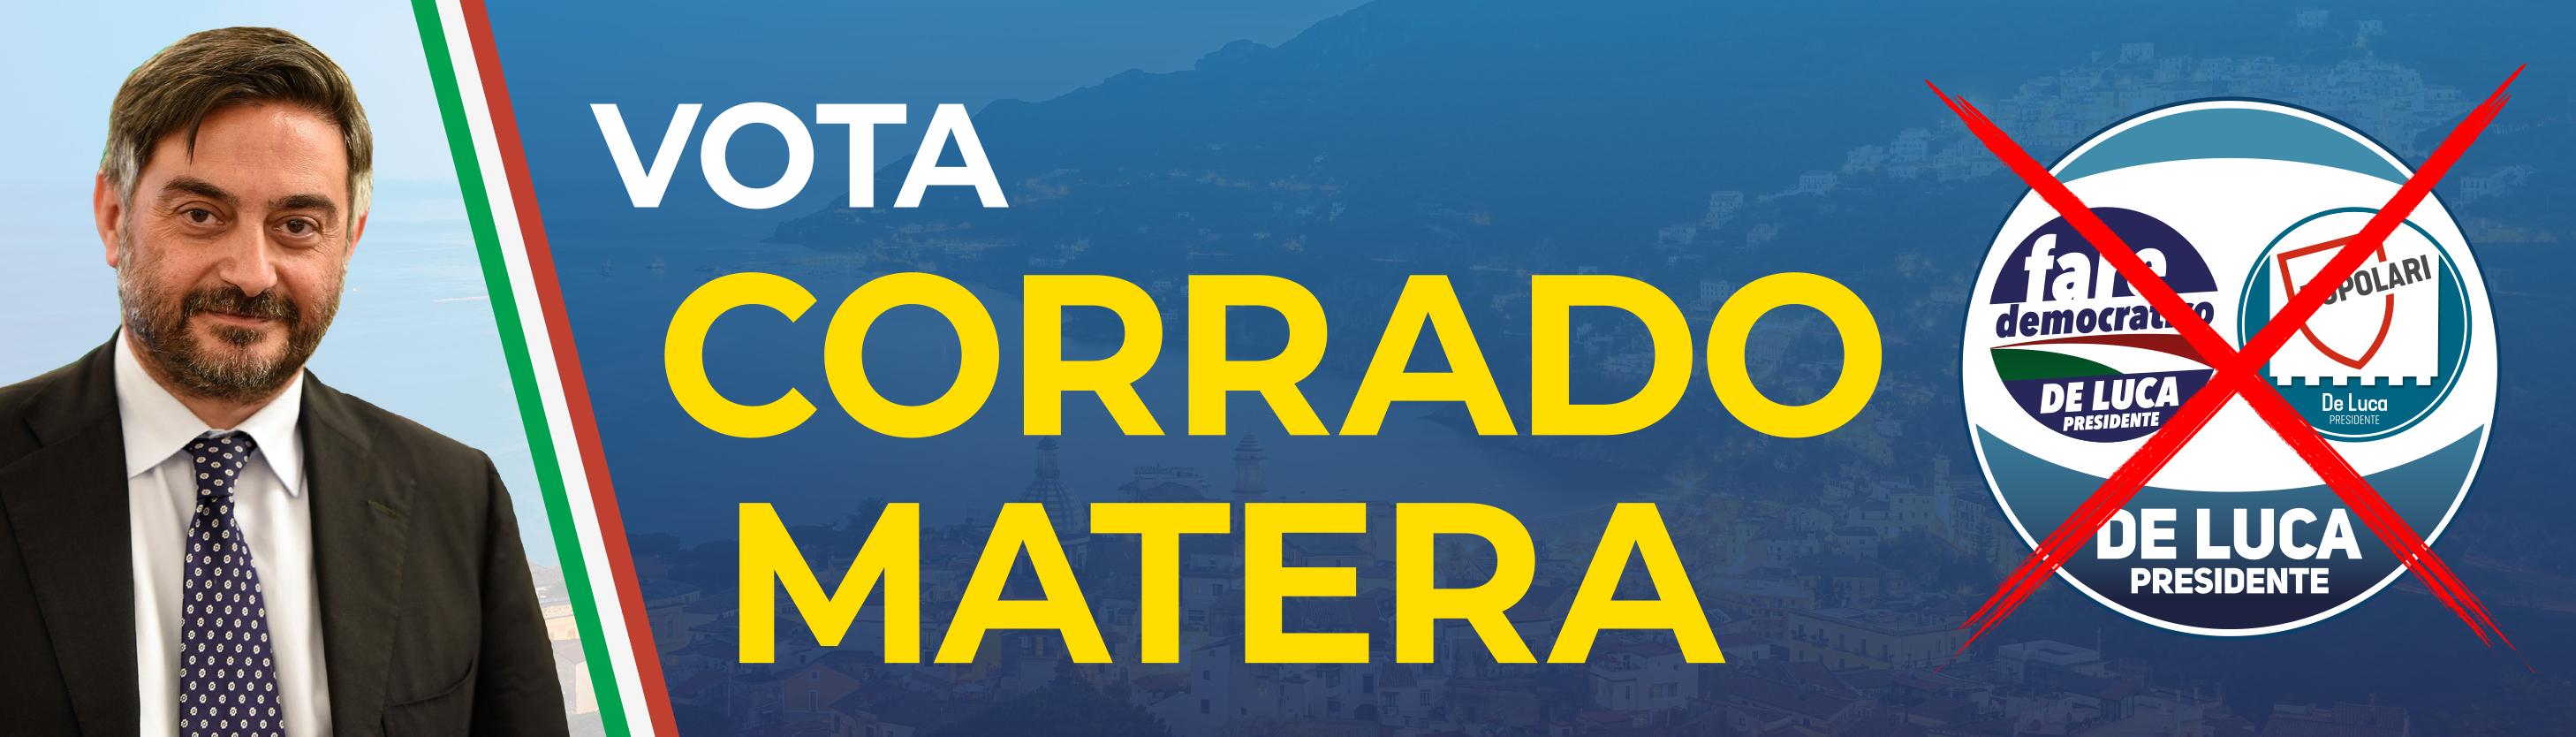 Banner Corrado Matera